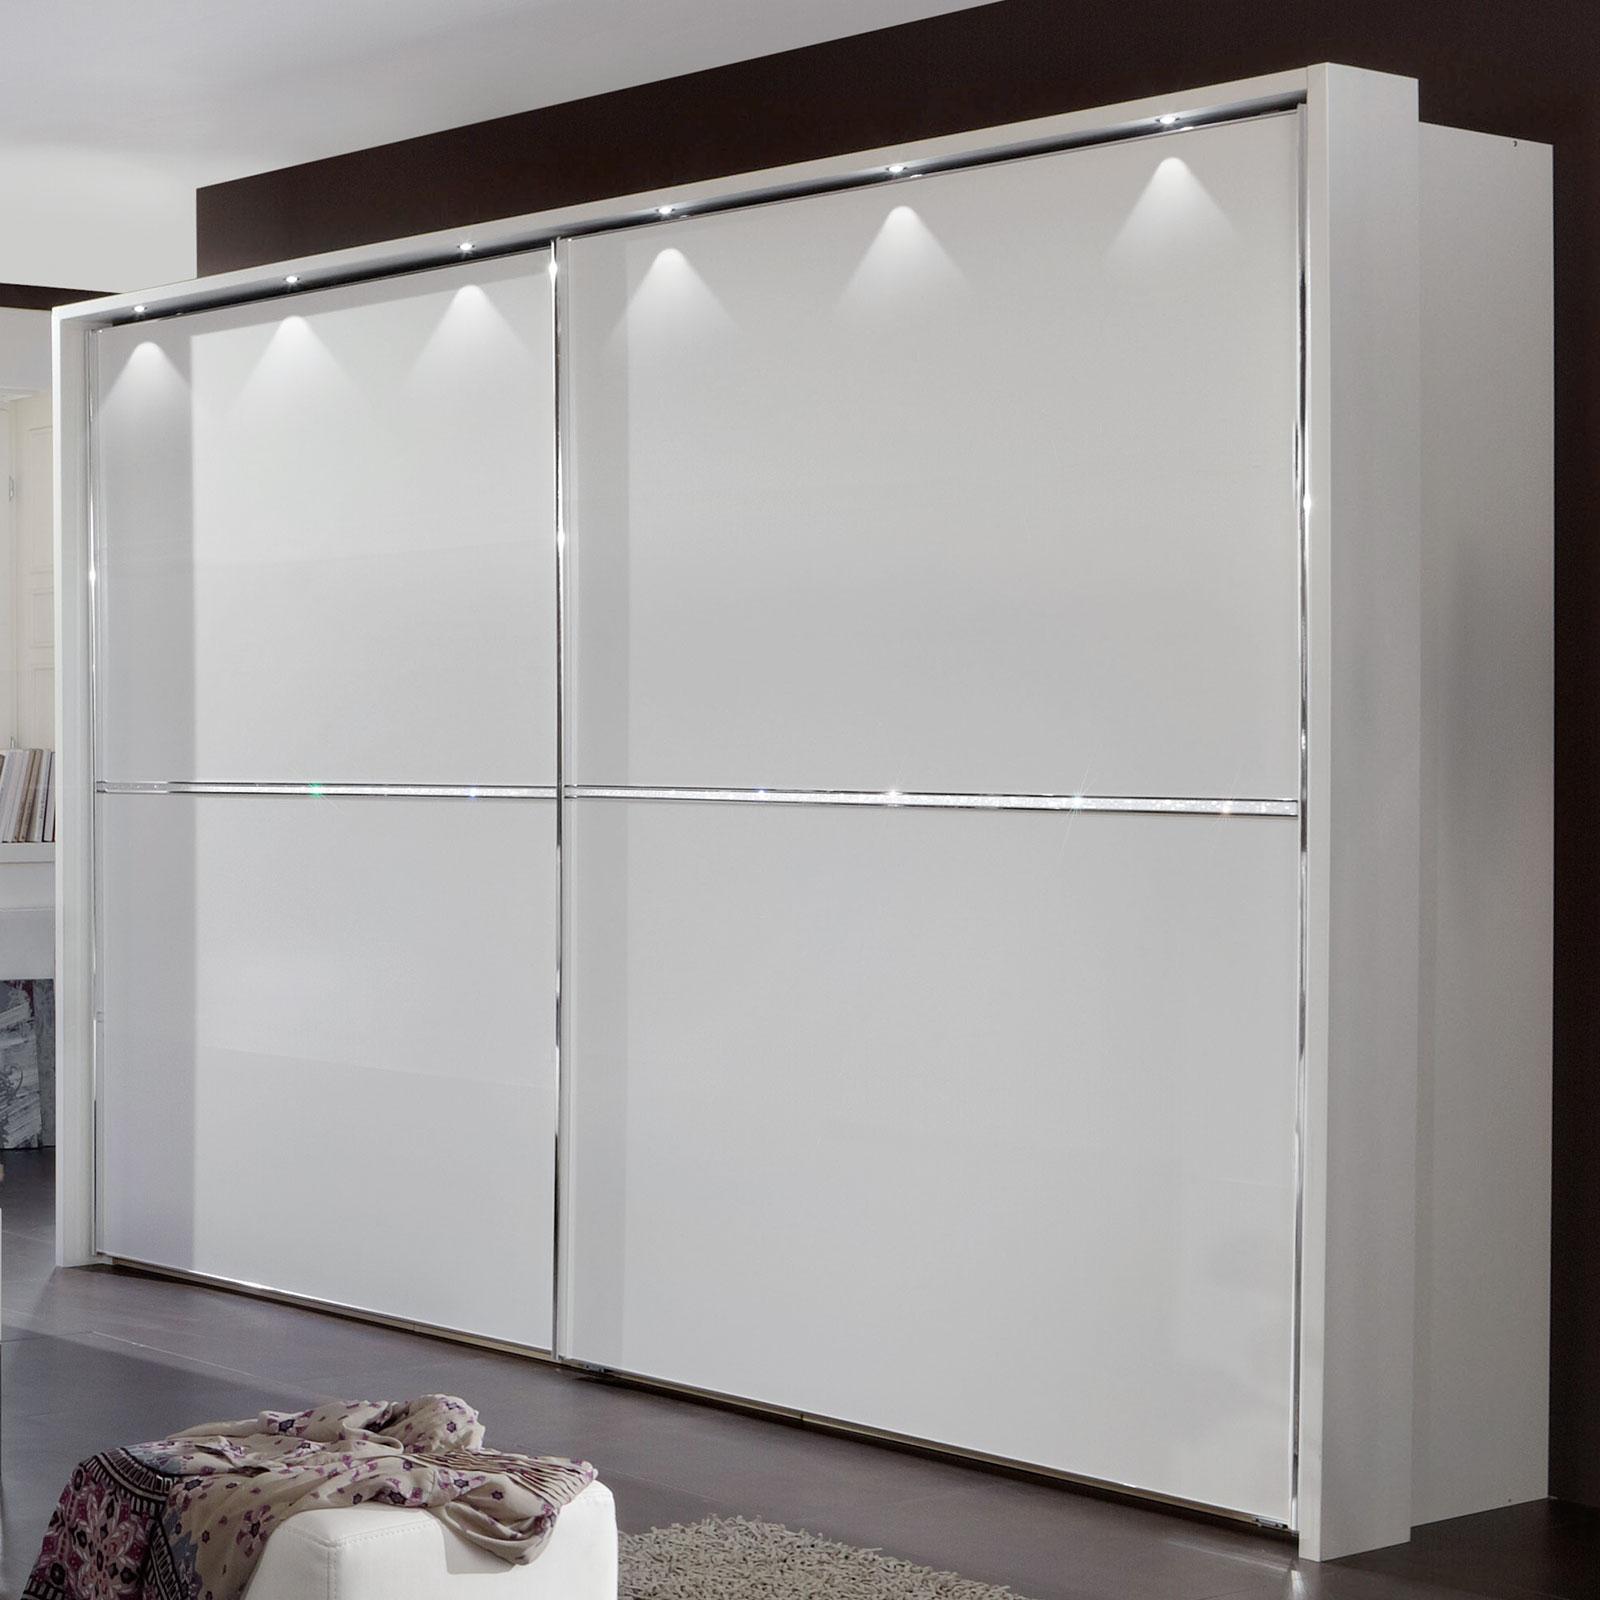 schwebet ren schrank mit kristallsteinen huddersfield. Black Bedroom Furniture Sets. Home Design Ideas